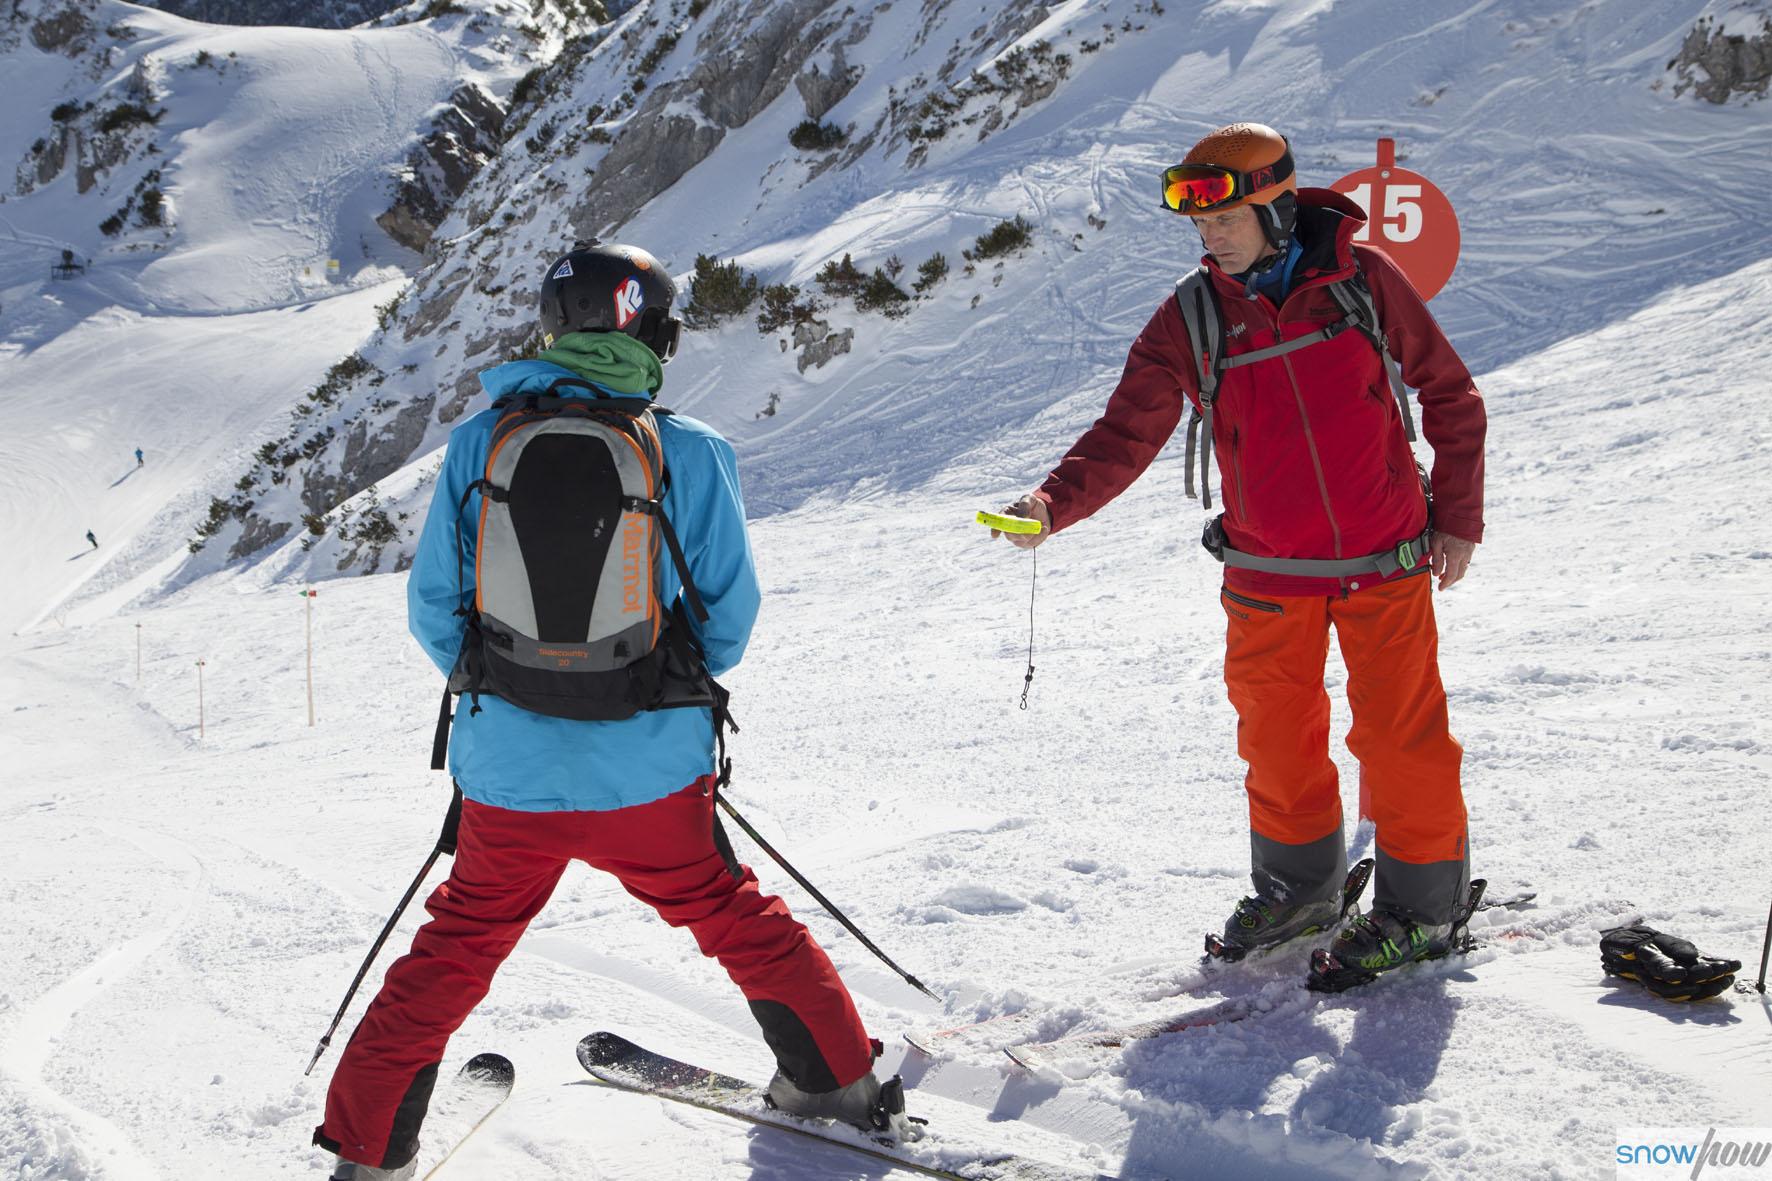 Bei den SnowHow Kursen lernt man den gezielten Umgang mit Schaufel, Sonde und LVS Gerät / Fotocredit: Klaus Kranebitter